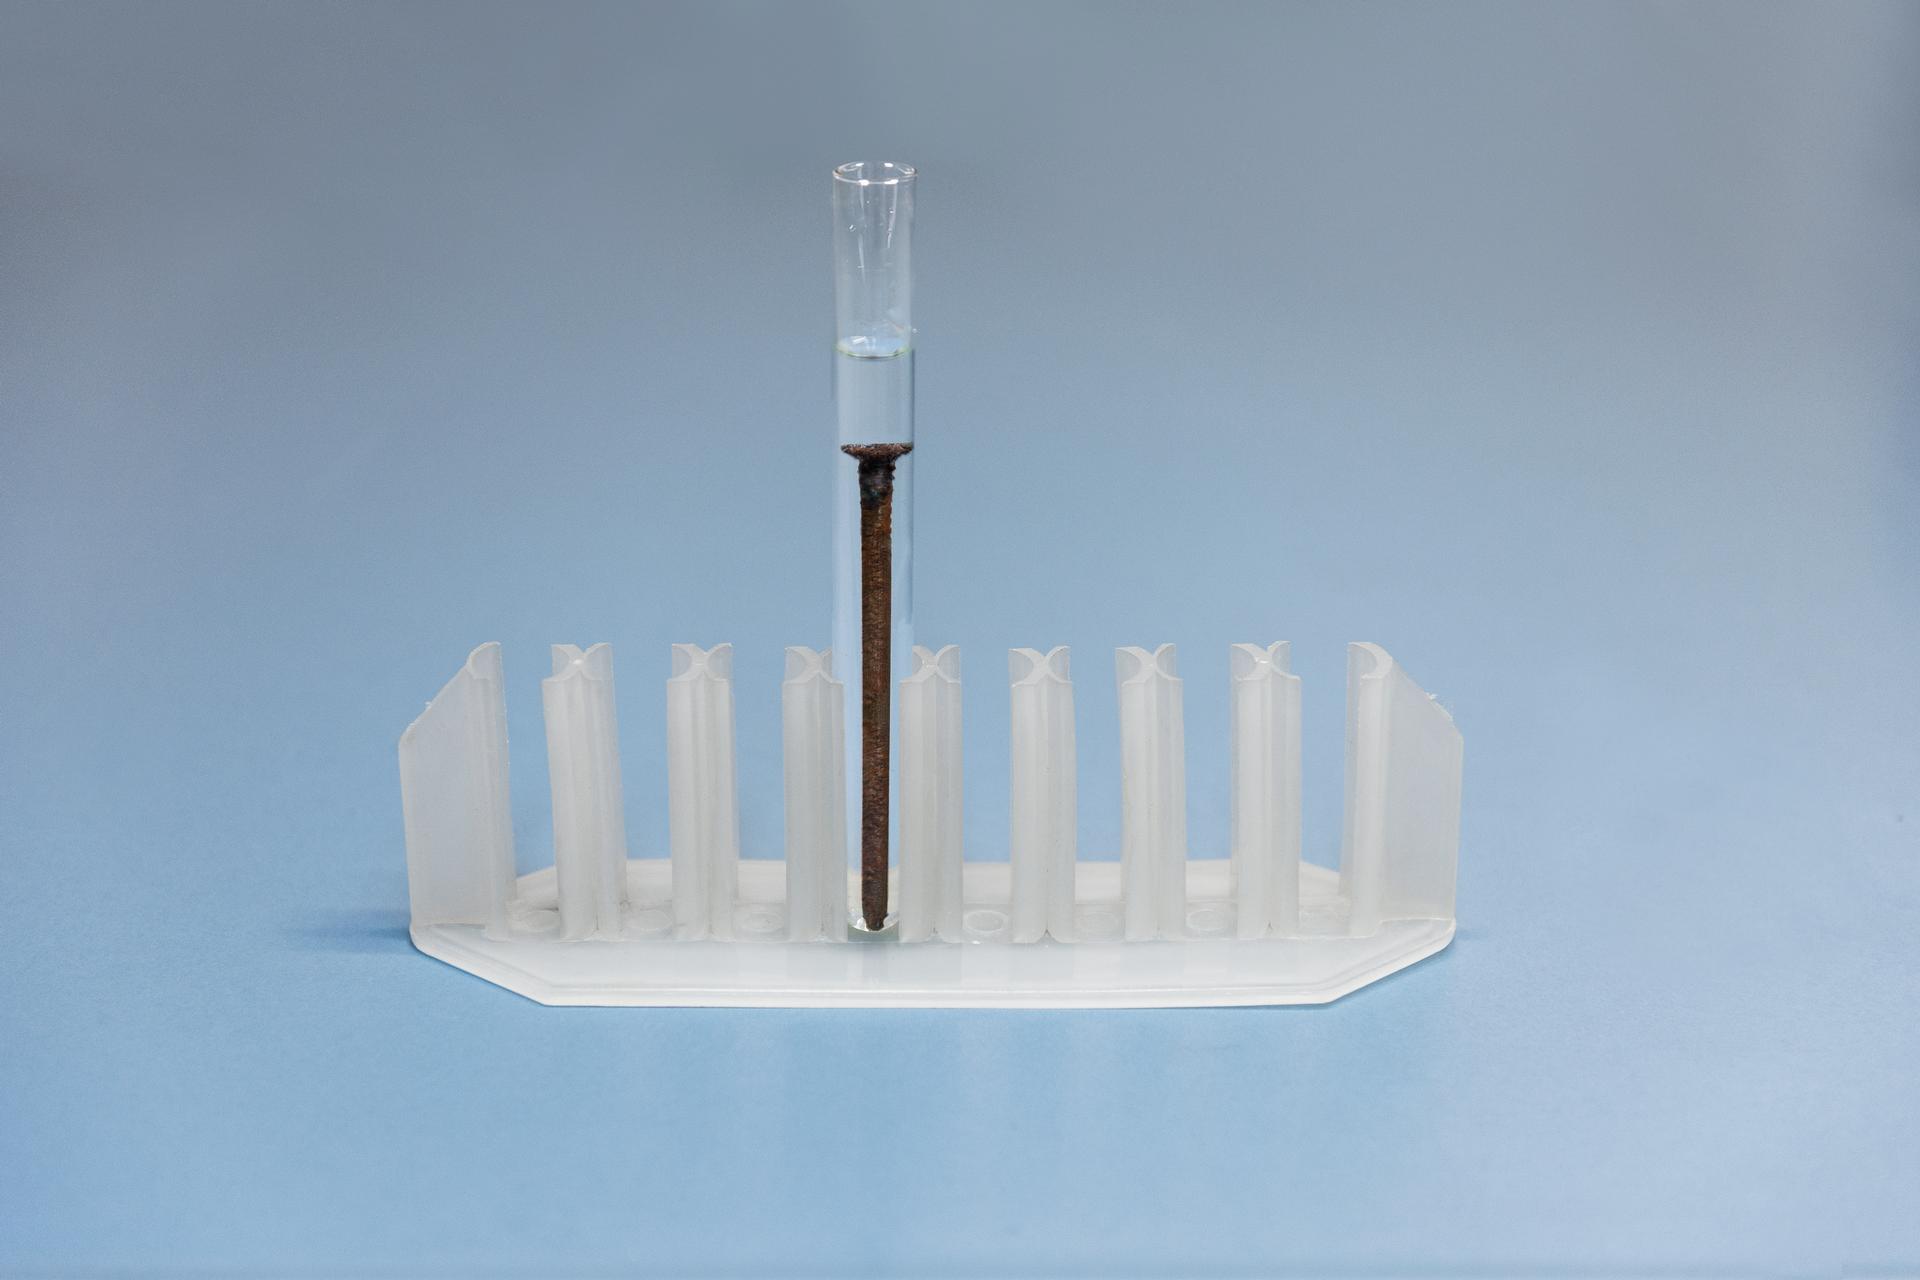 Trzecie zdjęcie wgalerii przedstawia plastikowy stojak na probówki zjedną małą probówką. Probówka napełniona jest kwasem fosforowym, do którego wrzucono duży, zardzewiały gwóźdź.